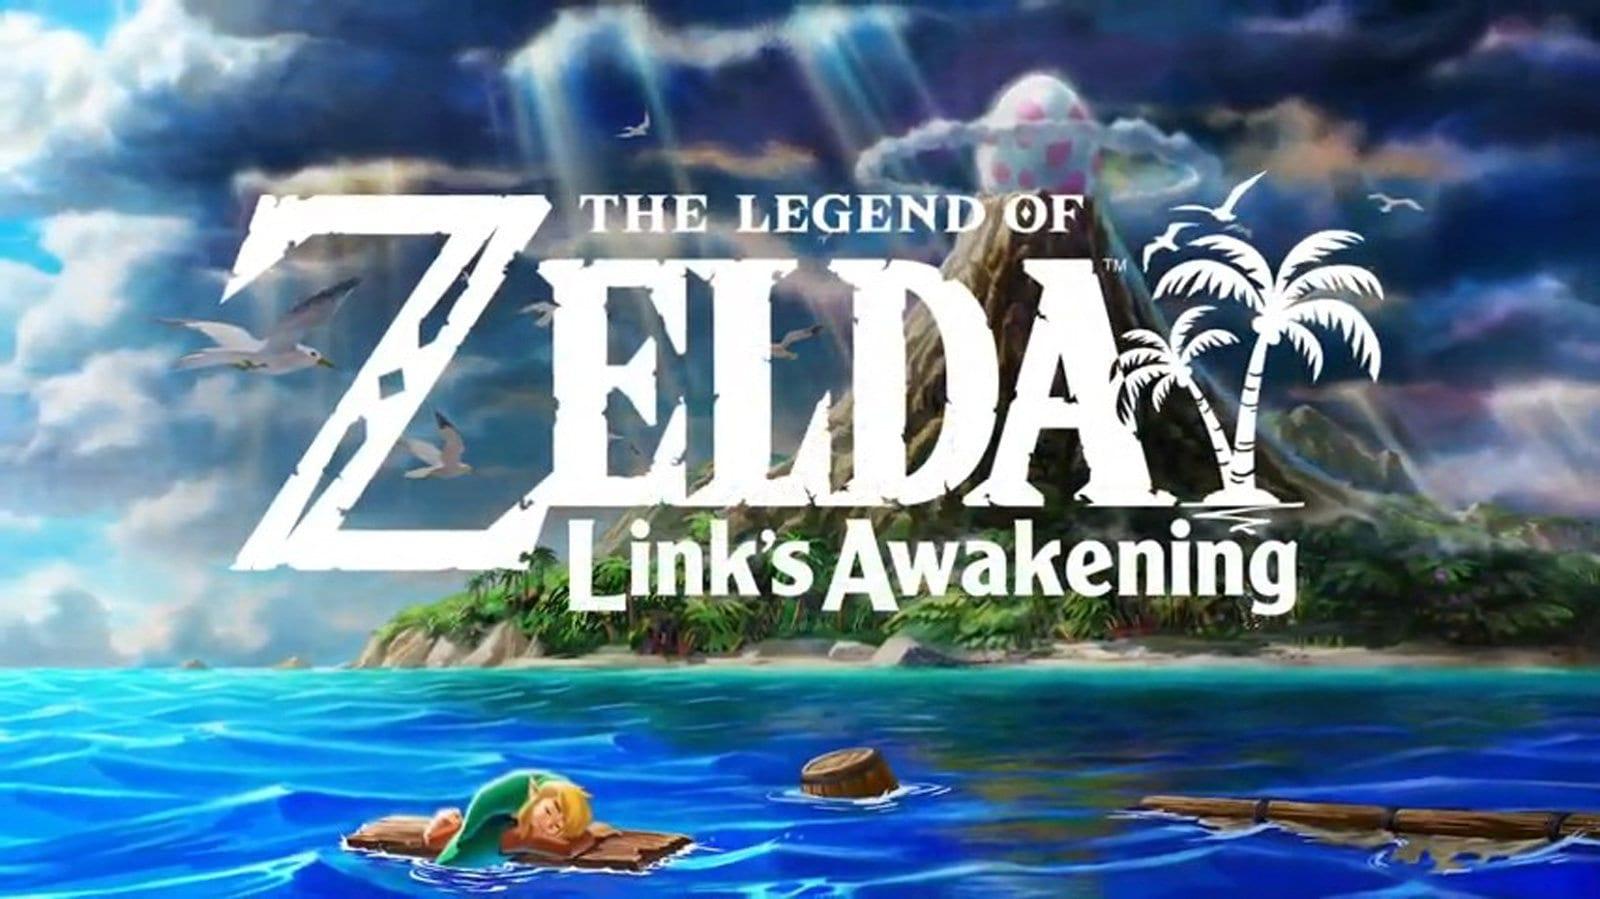 Lo más destacado de Nintendo Direct en febrero de 2019: Mario, Marvel, Final Fantasy, Link's Awakening y más